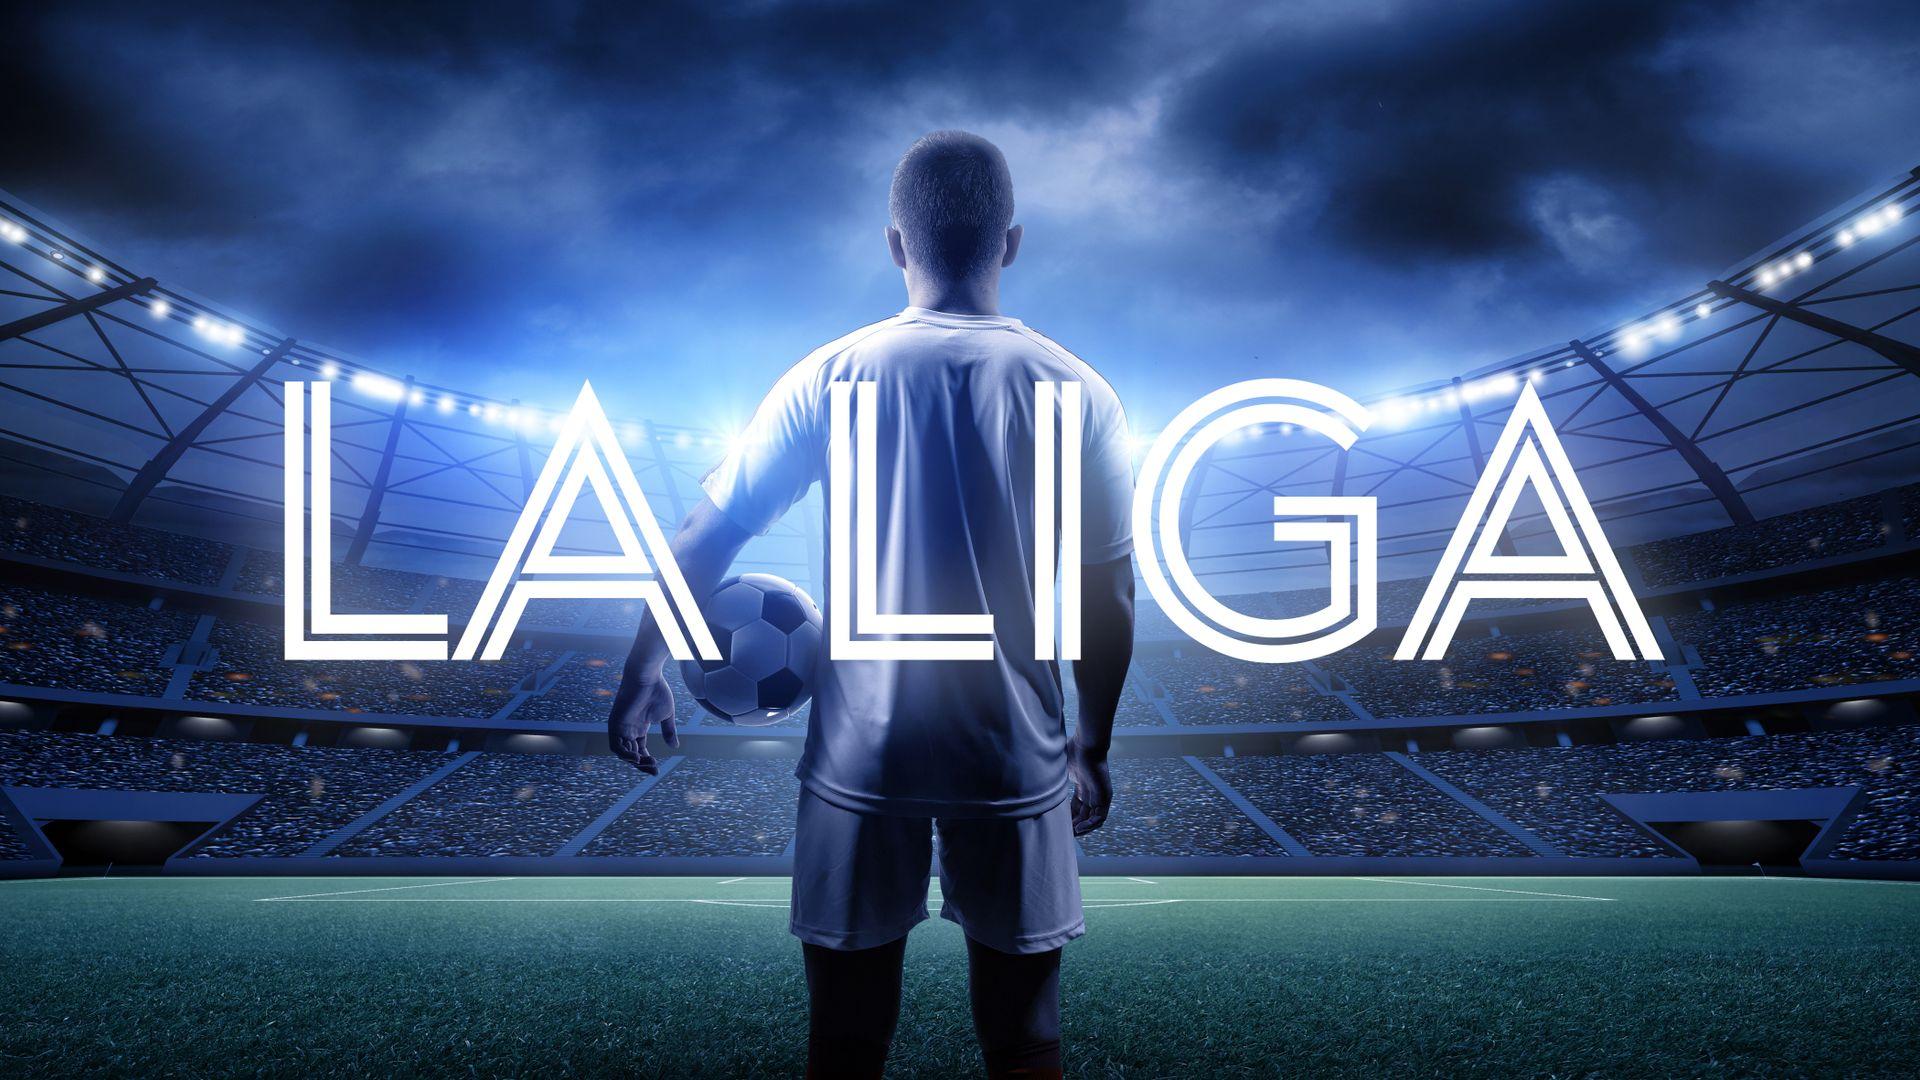 La Liga  19/20: Story so far...